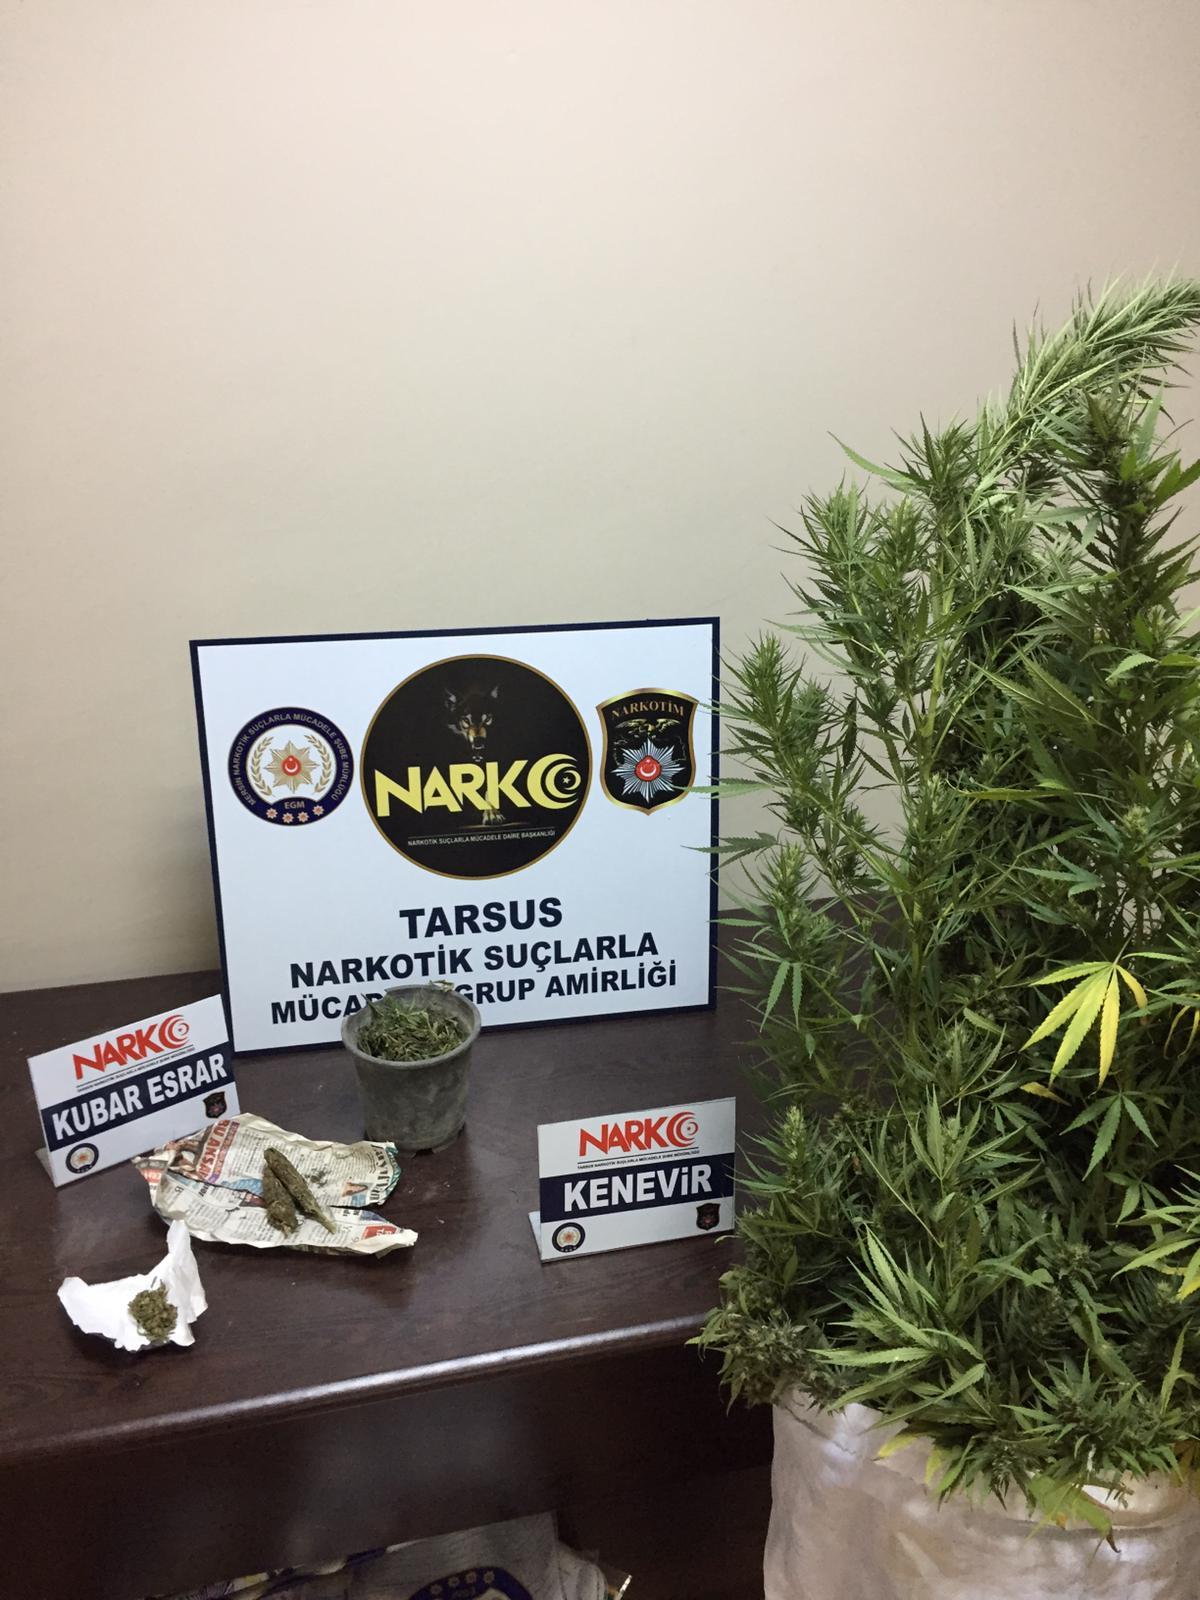 Narkotik Polisi Aman vermiyor…